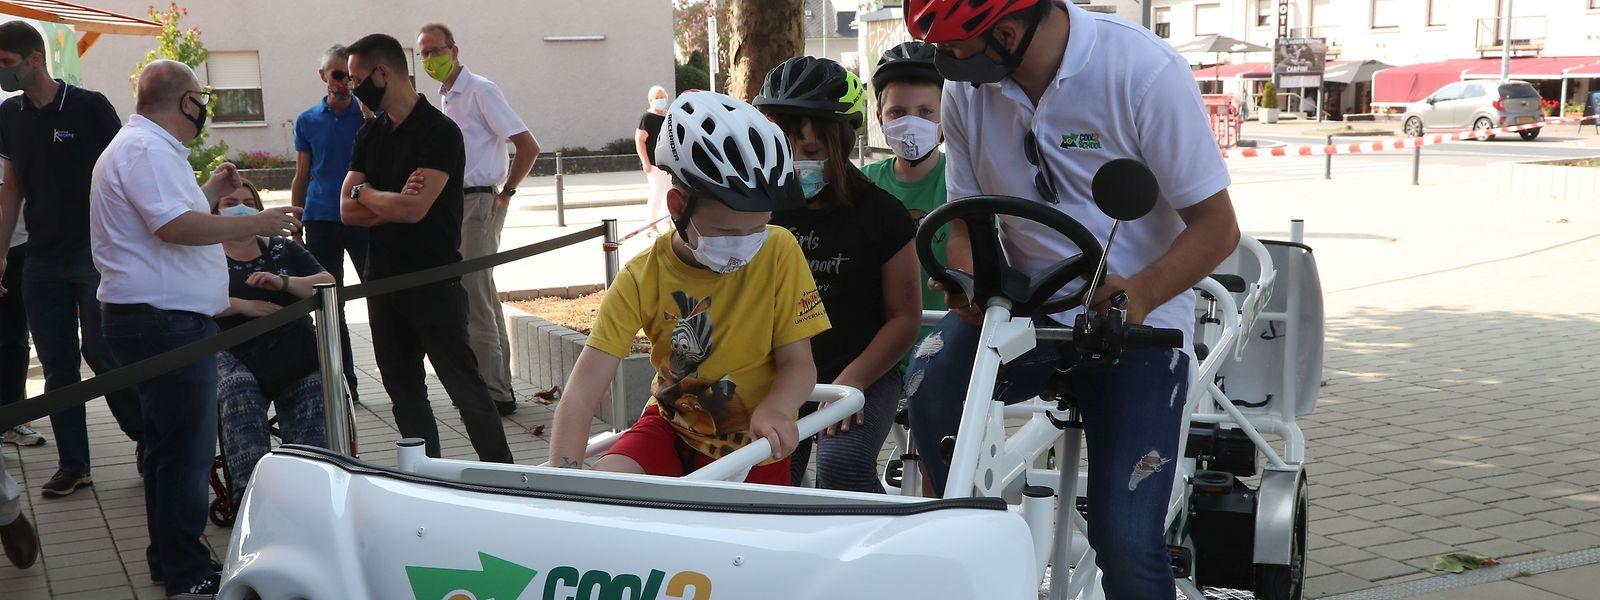 Mit Helm und Muskelkraft zur Schule. In der Gemeinde Käerjeng beschreitet man neue Wege.